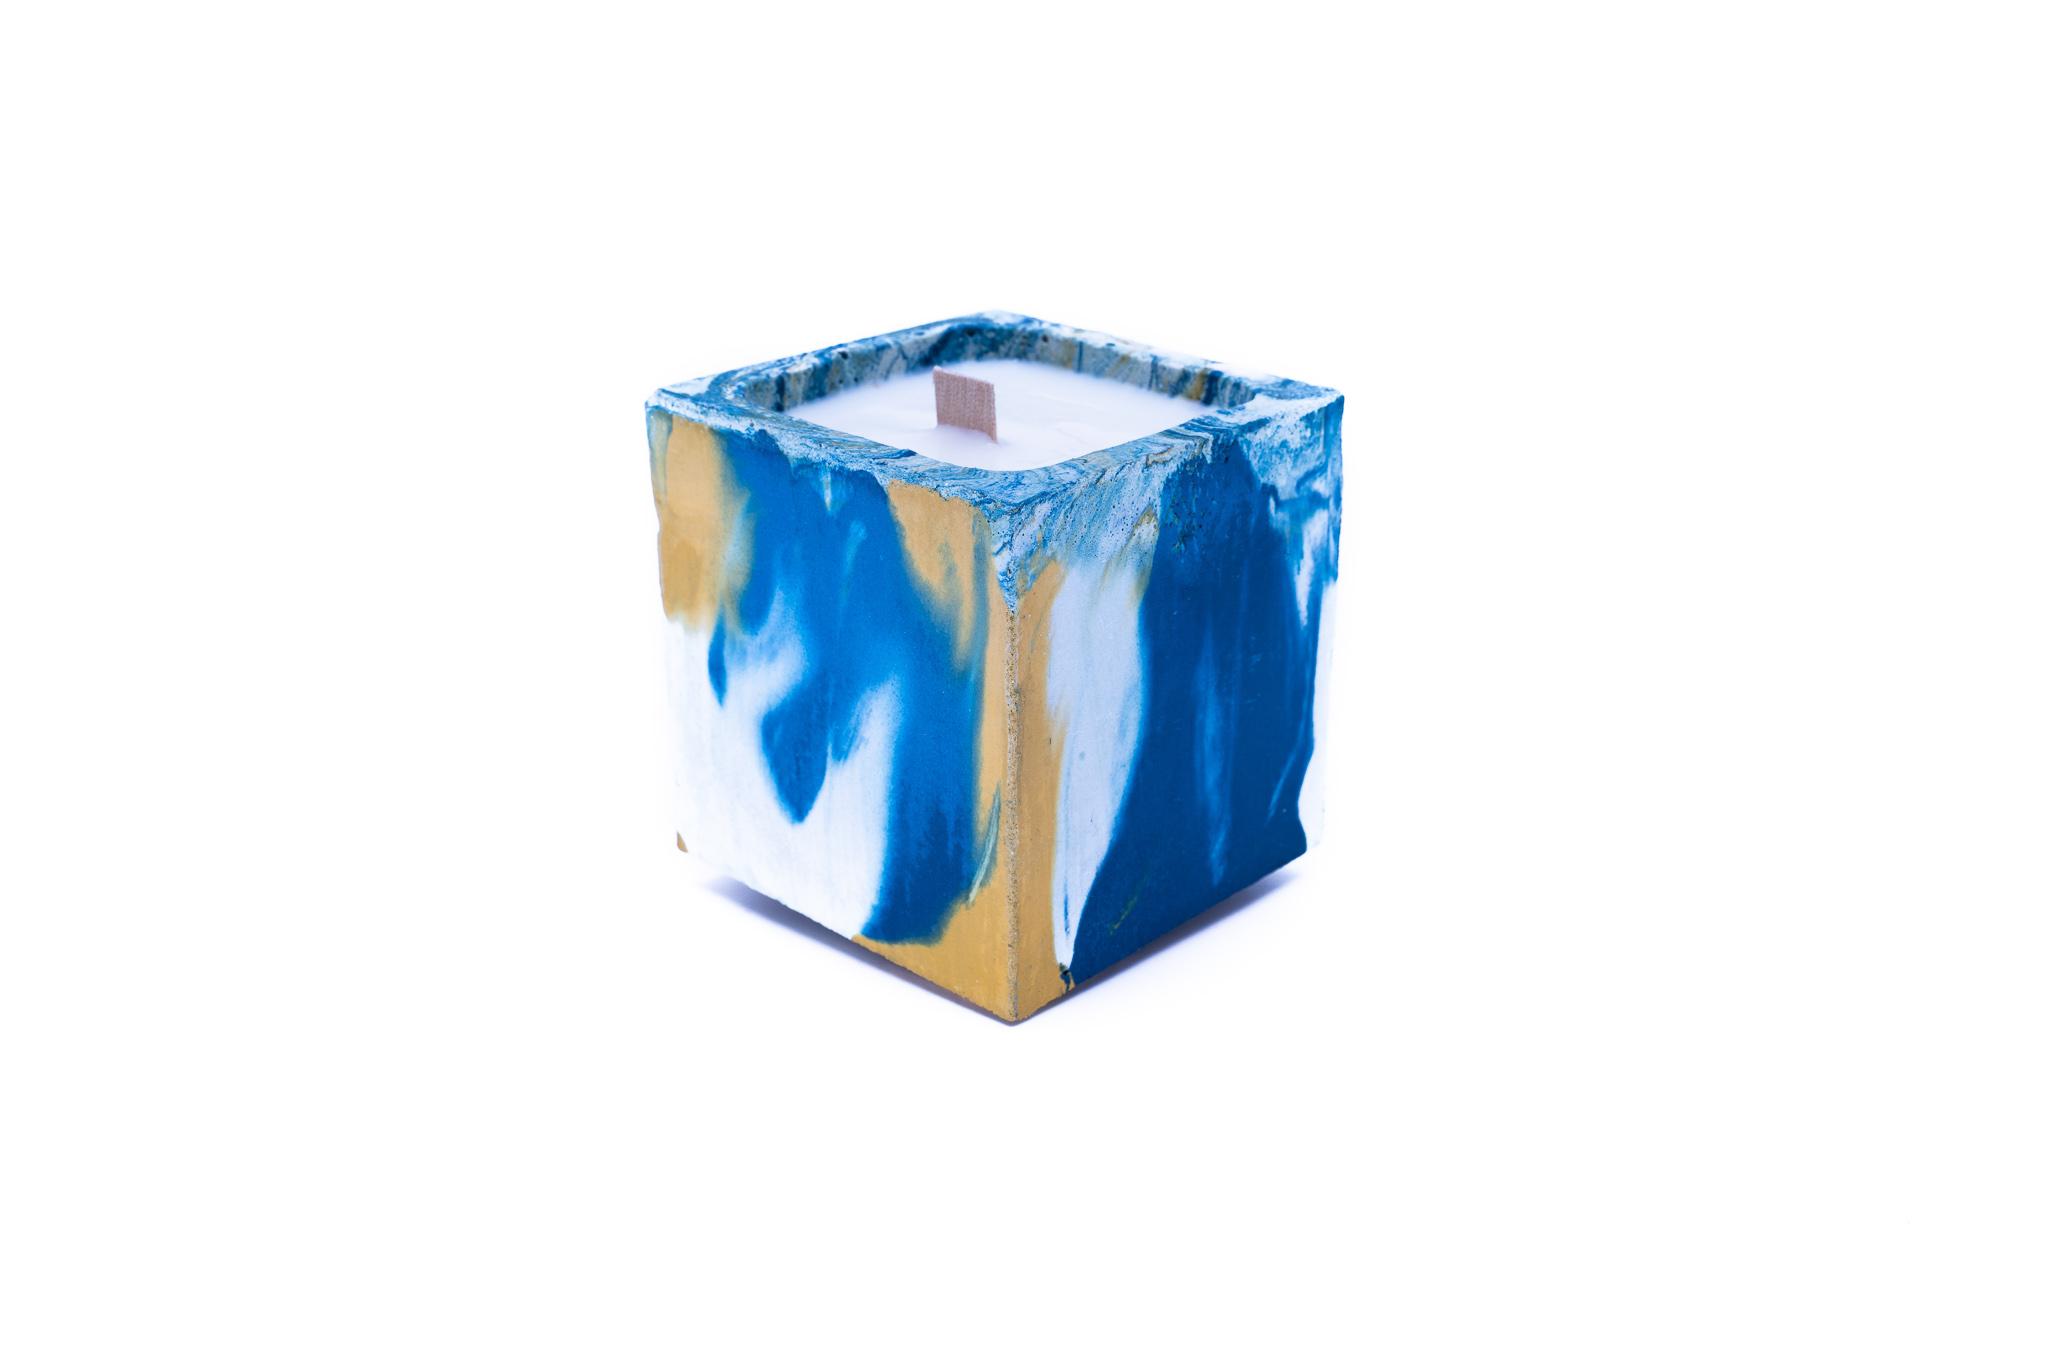 Bougie en béton coloré marbré bleu et jaune fleur de monoï